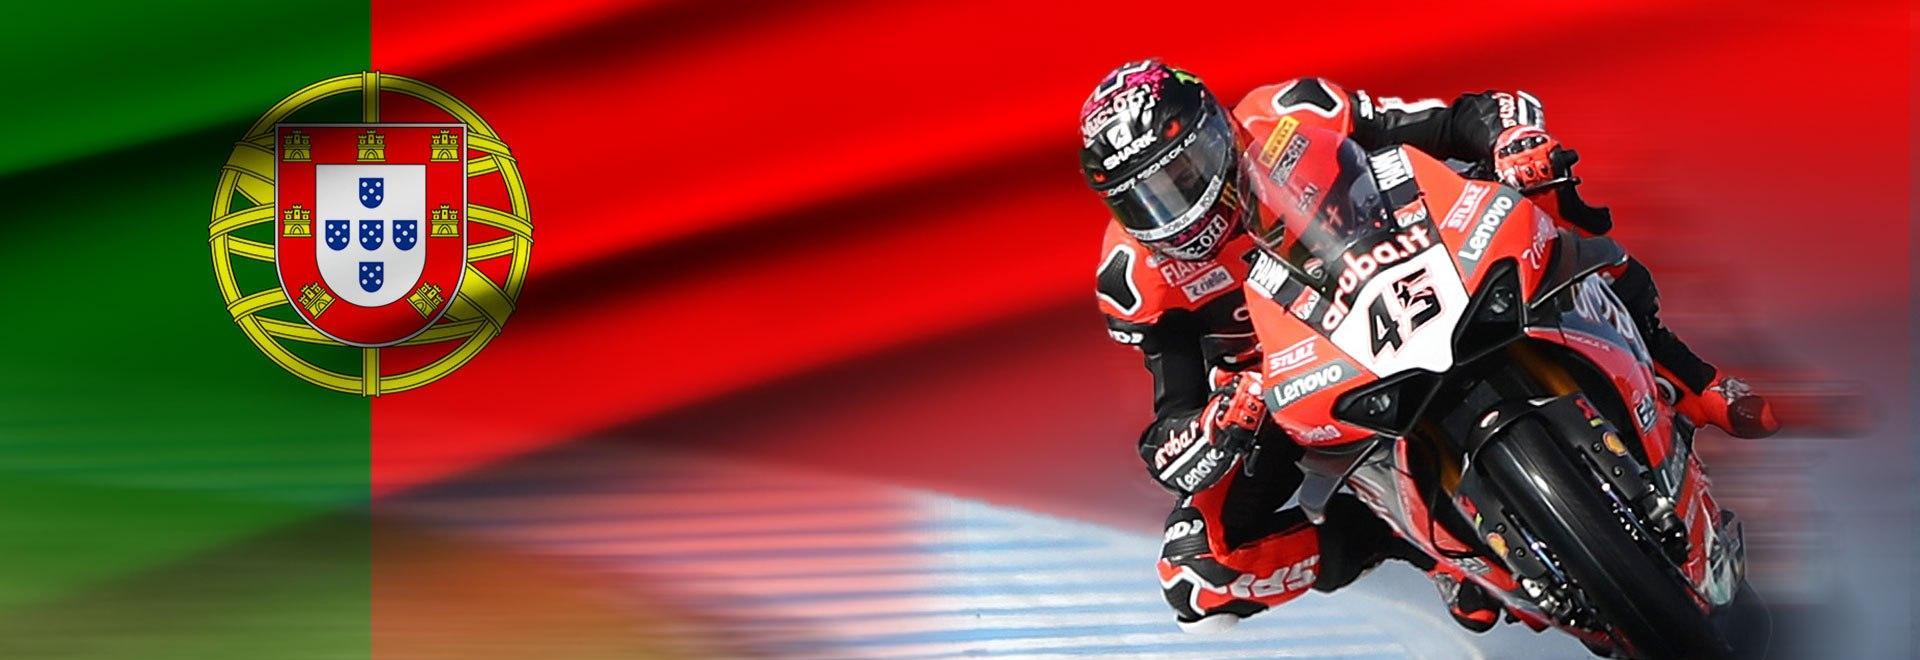 Estoril. Race 2